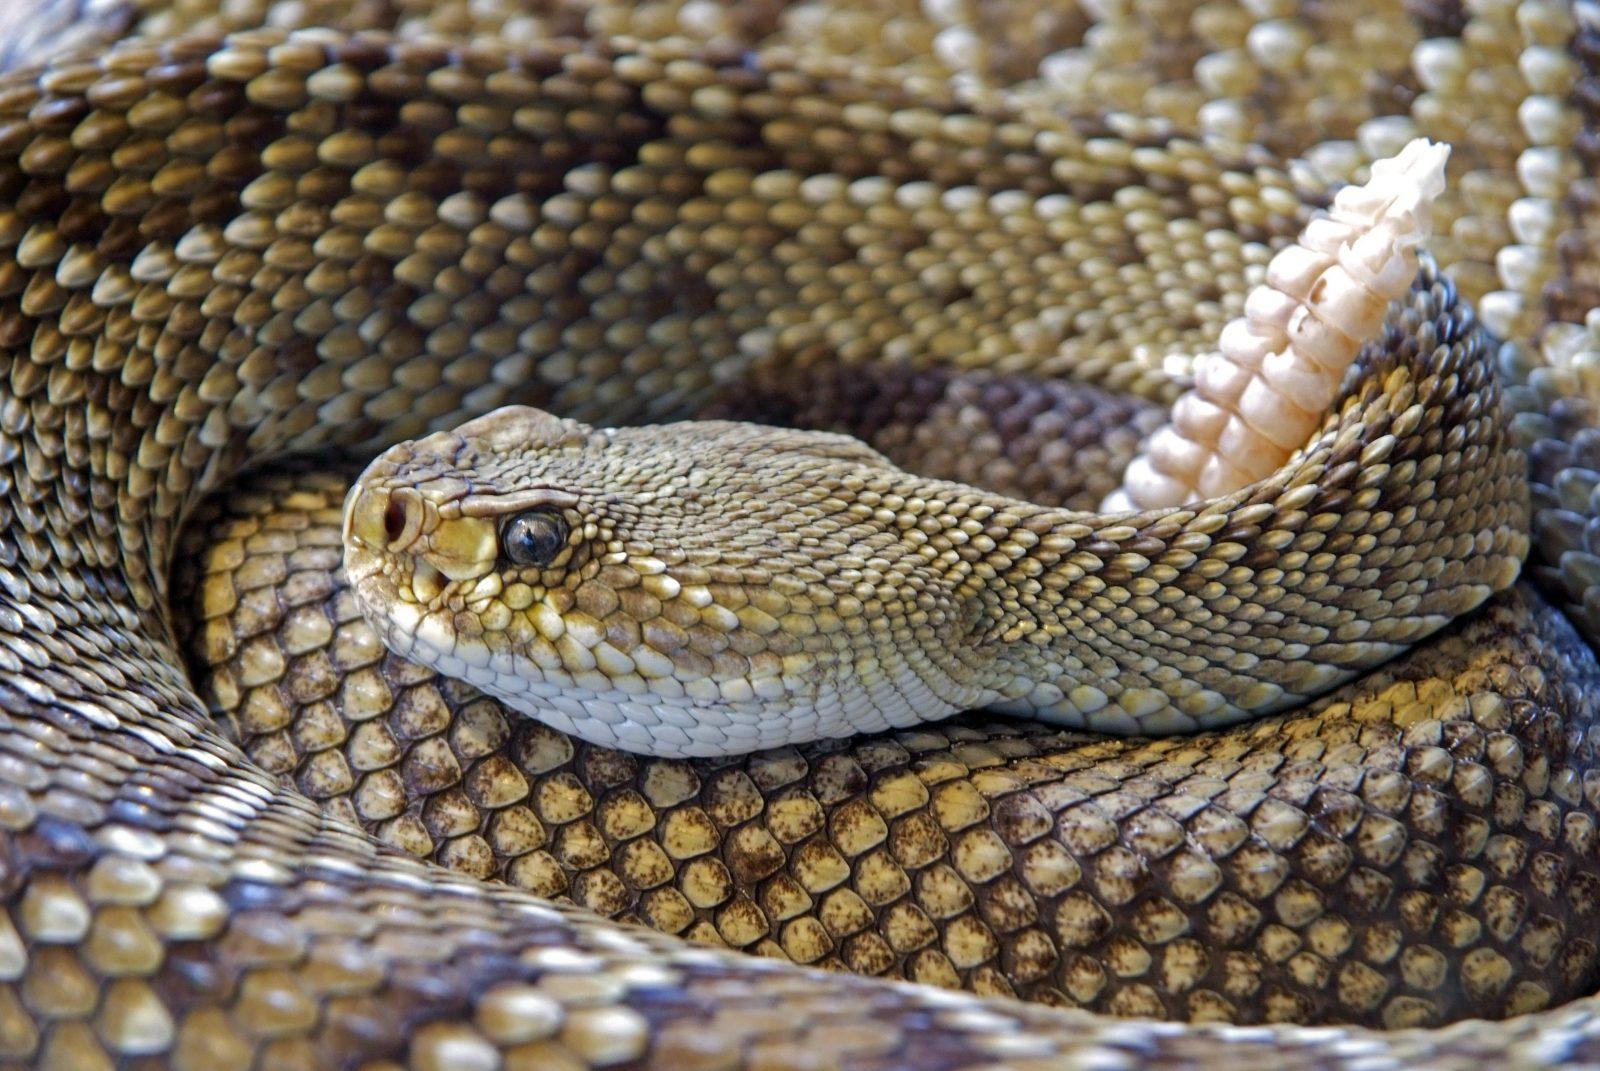 São mais de 600 espécies de cobras venenosas